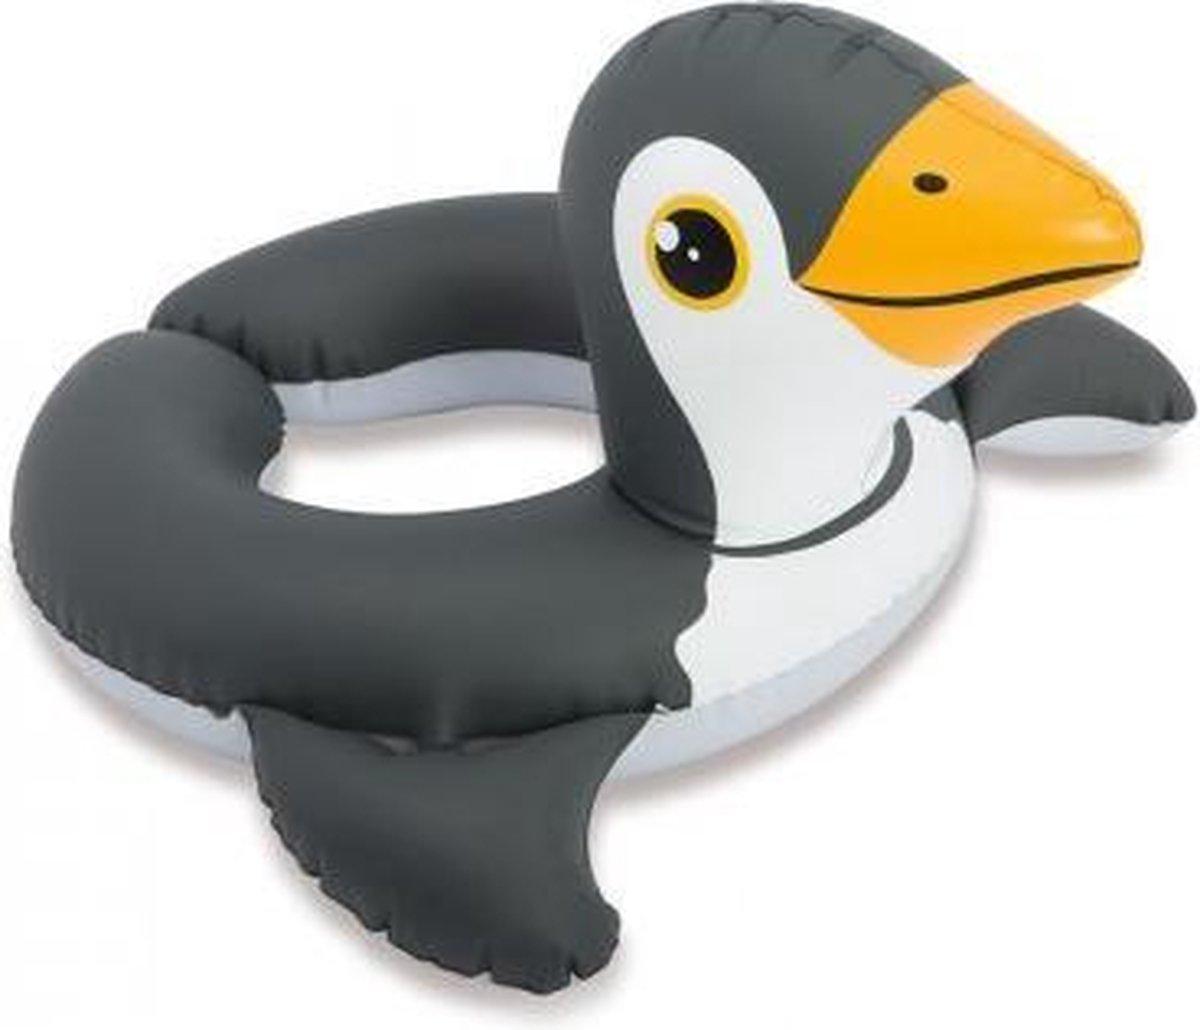 Opblaasbare Kinder Zwemband - 3 tot 6 Jaar - Zwart Witte Penguin